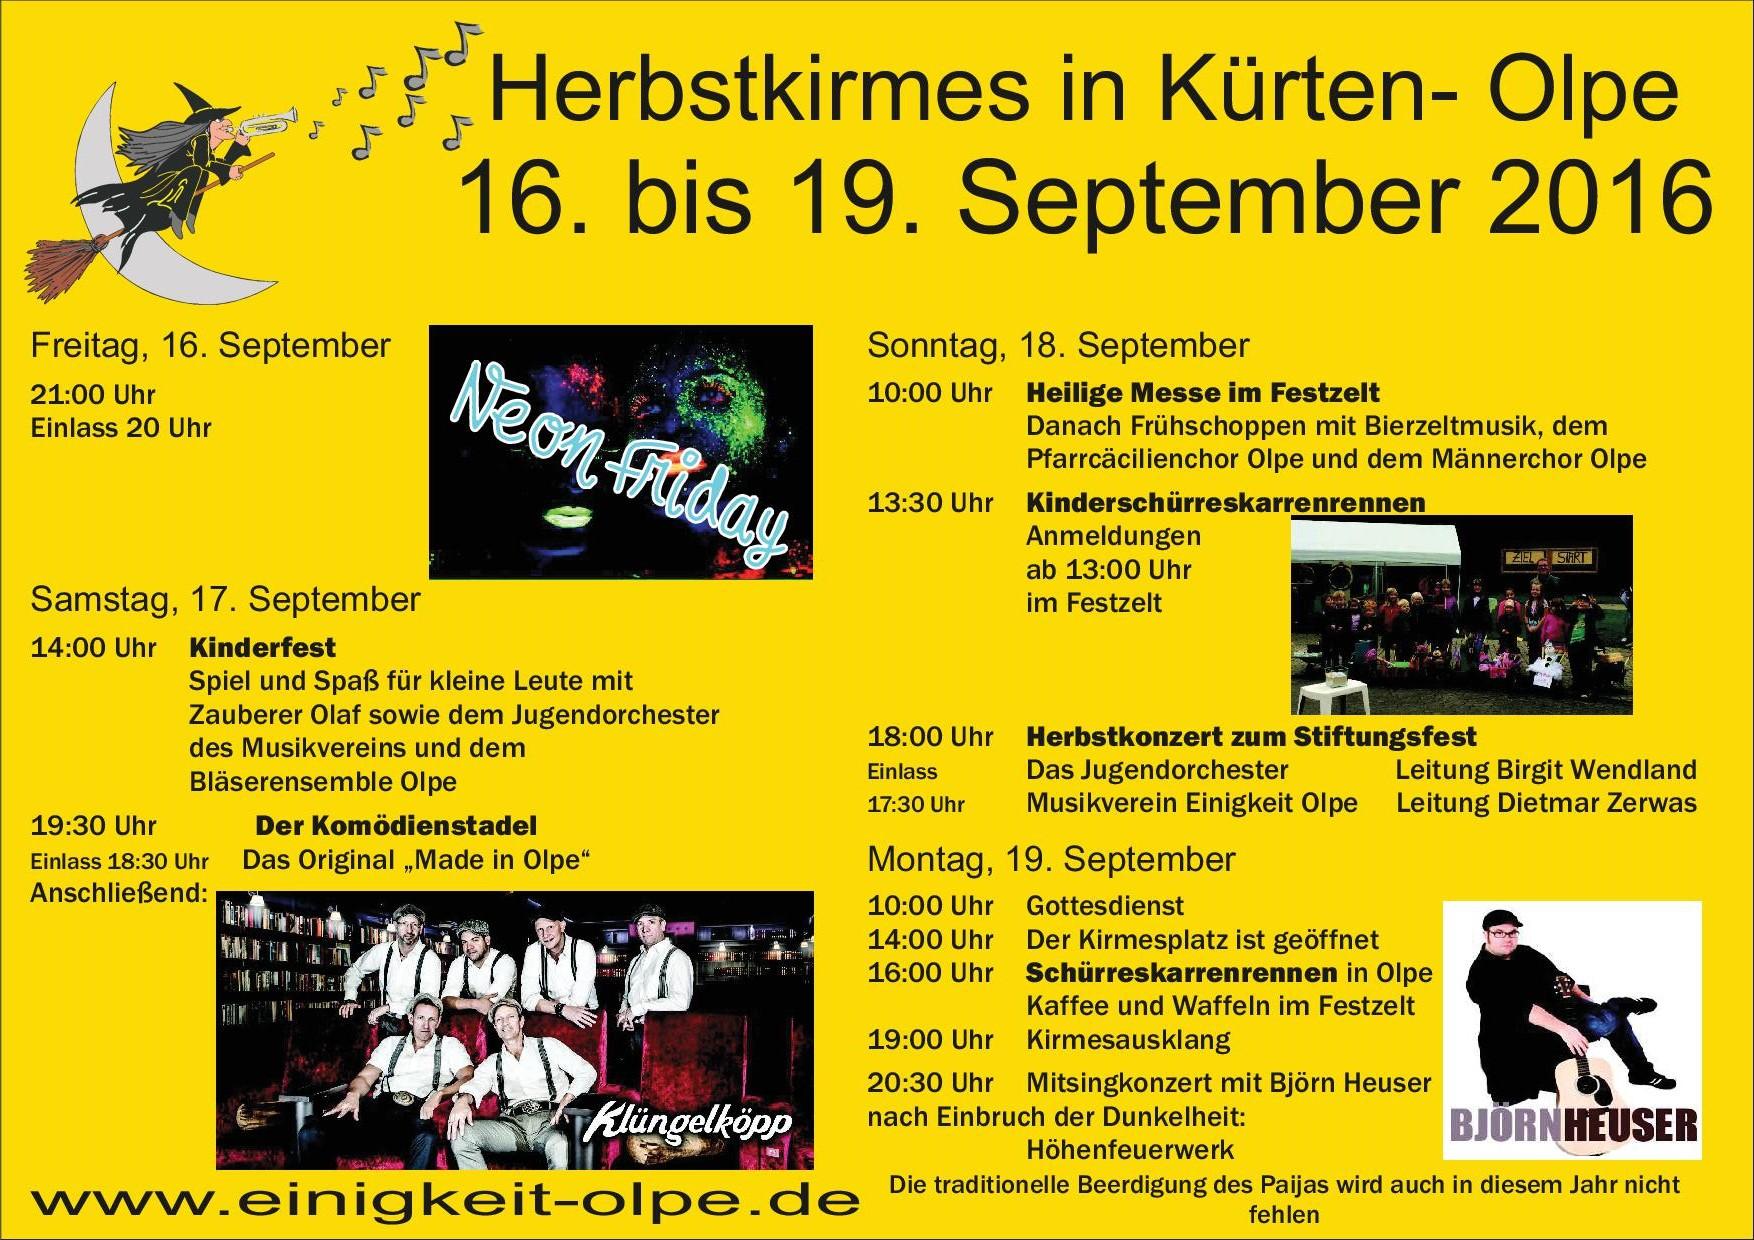 Musikverein Einigkeit Olpe - Herbstkirmes 2016